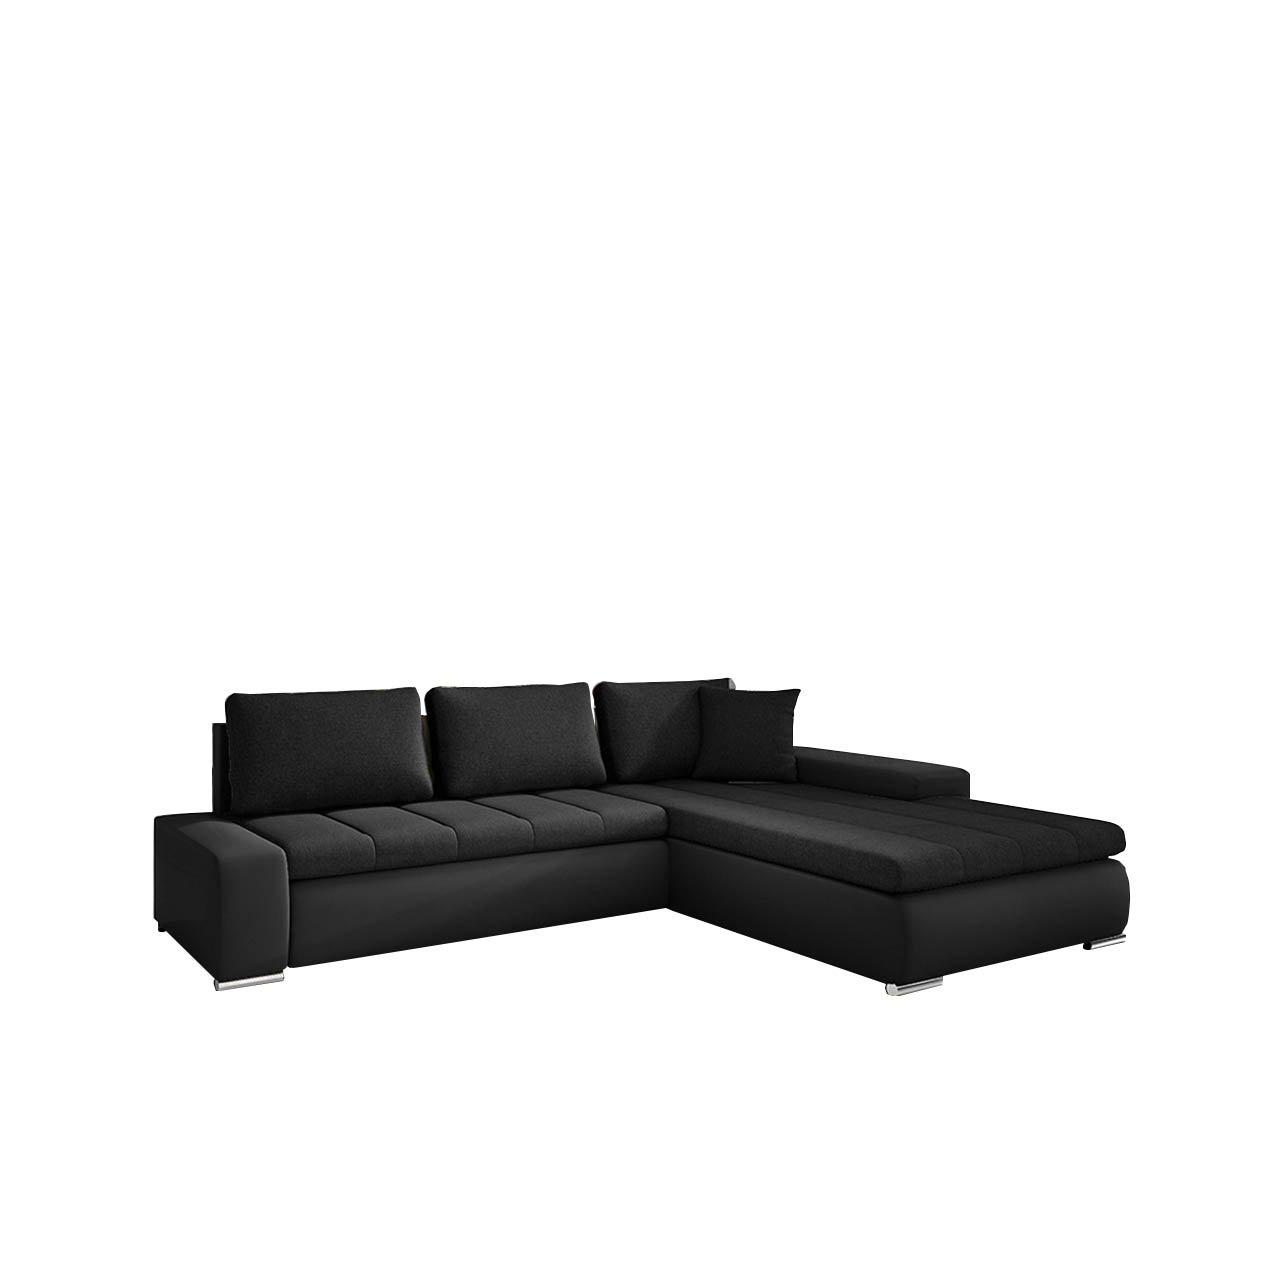 Eckcouch Ecksofa Orkan Elegante Sofa Mit Schlaffunktion Und